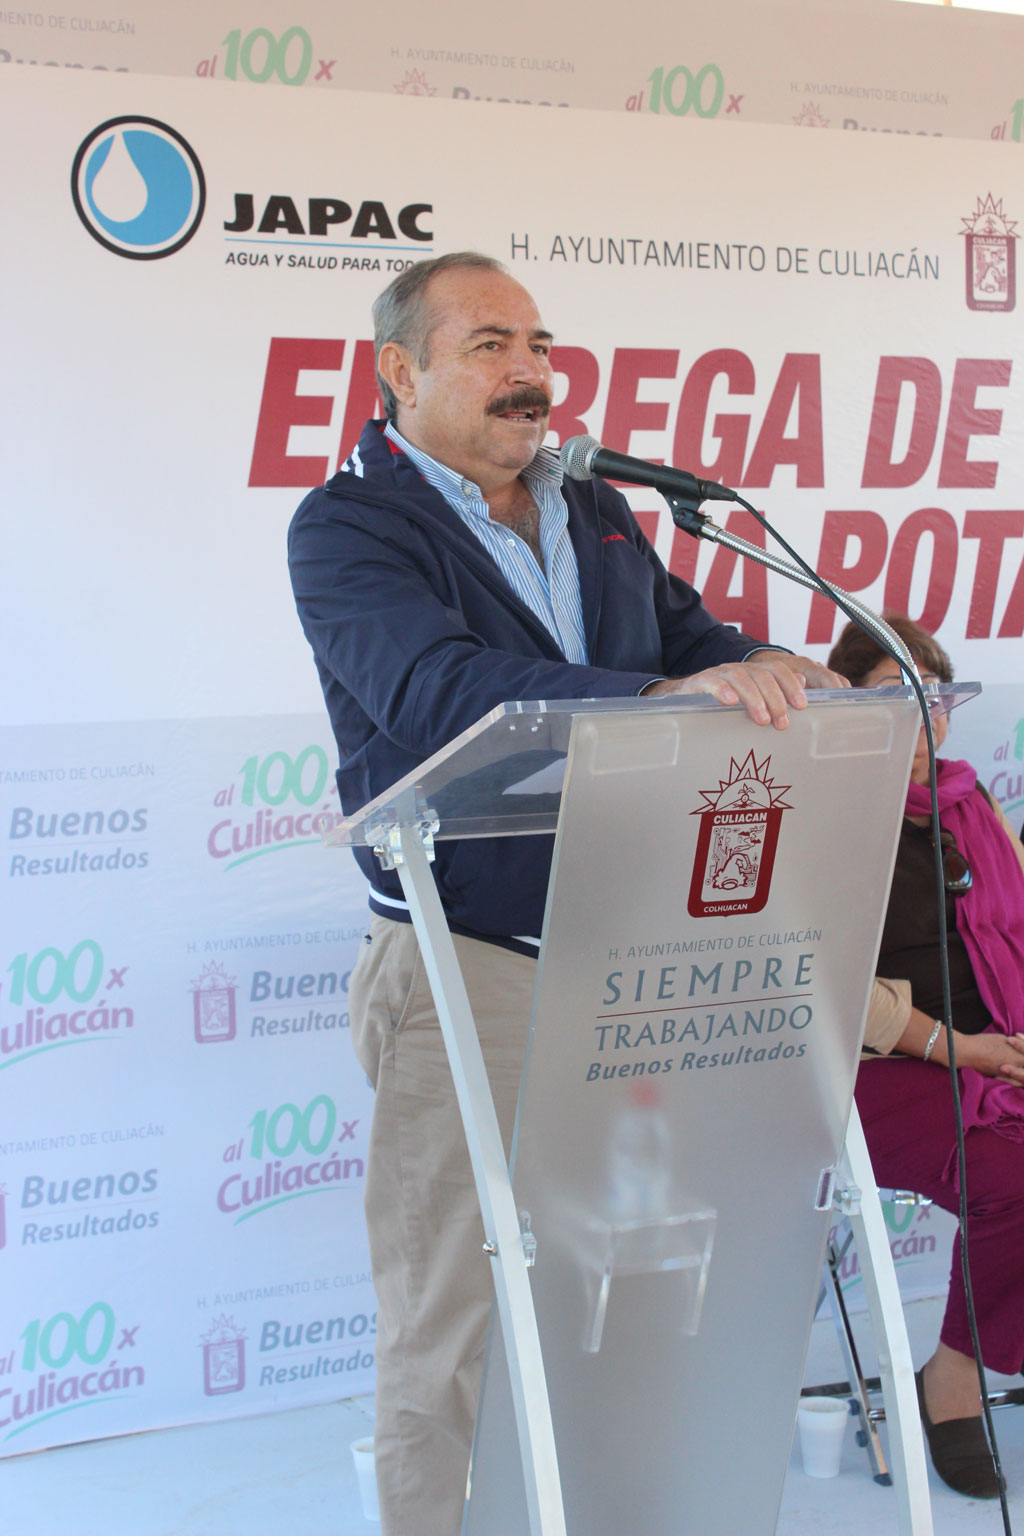 Noticias-2016-Agua-y-drenaje-para-las-comunidades-mas-apartadas-de-Culiacan-01